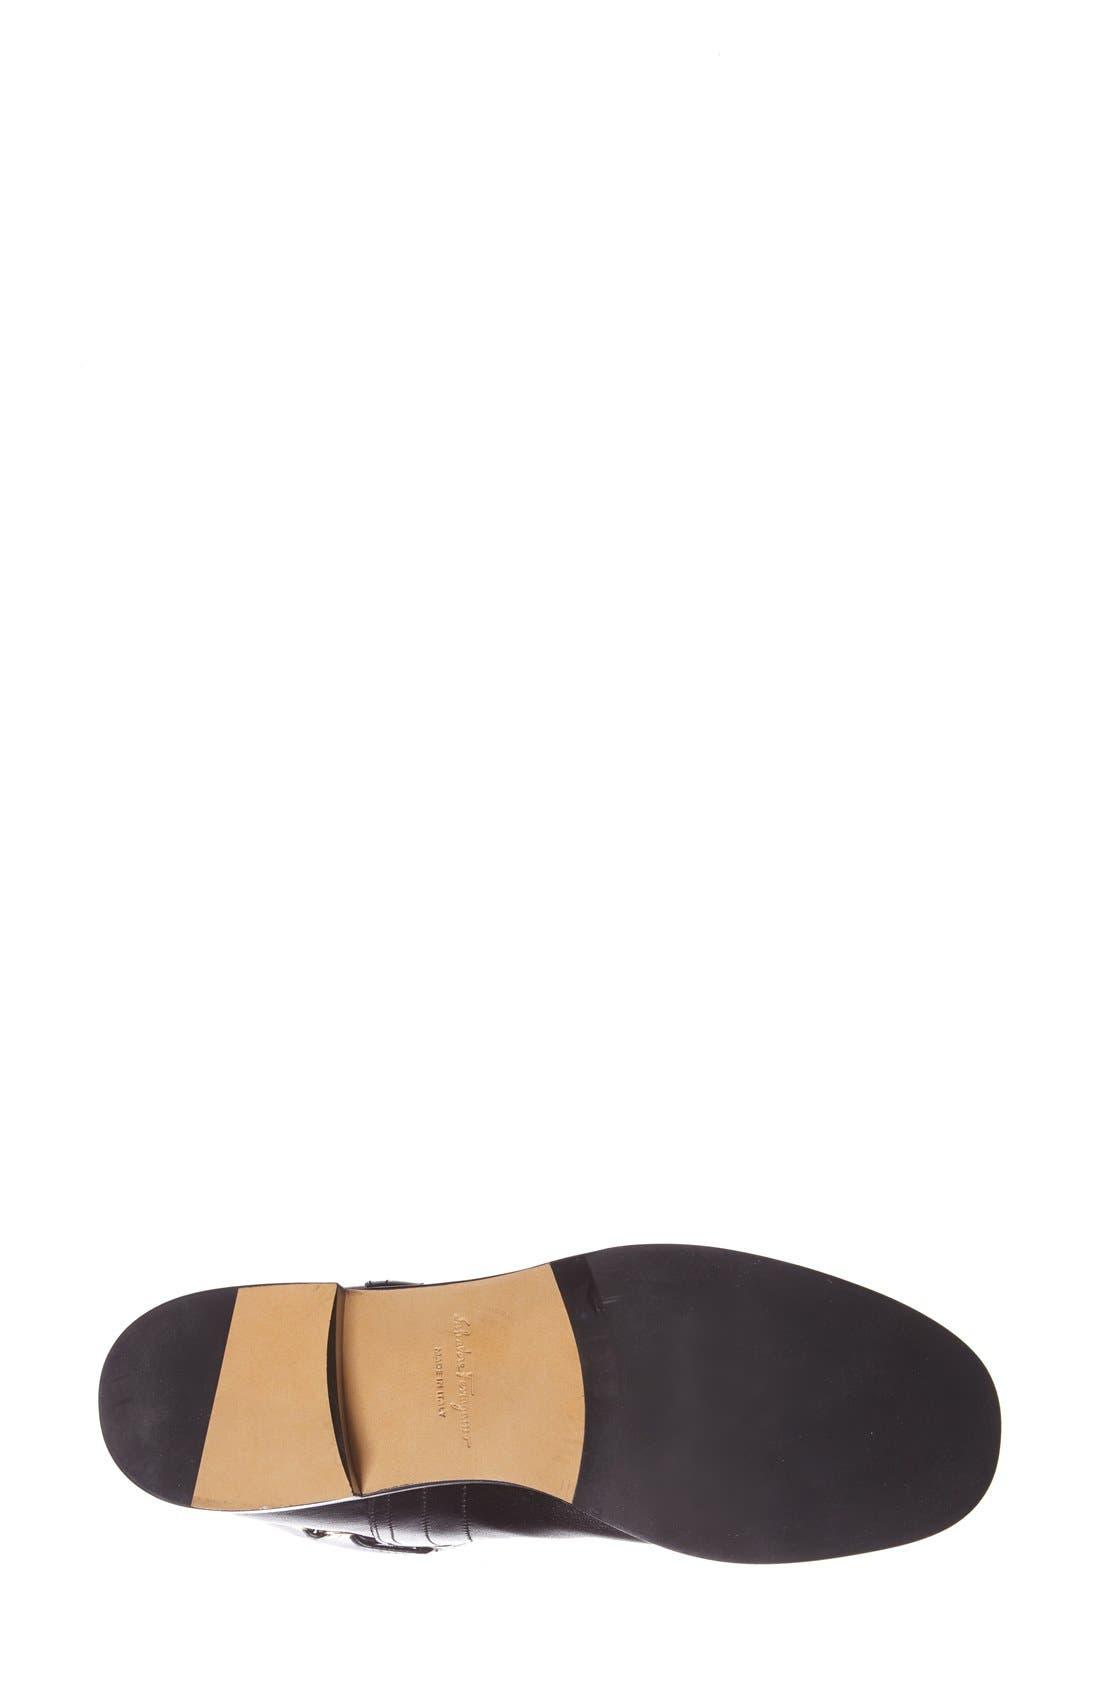 Alternate Image 4  - Salvatore Ferragamo 'Nando' Chain Trim Leather Boot (Women)